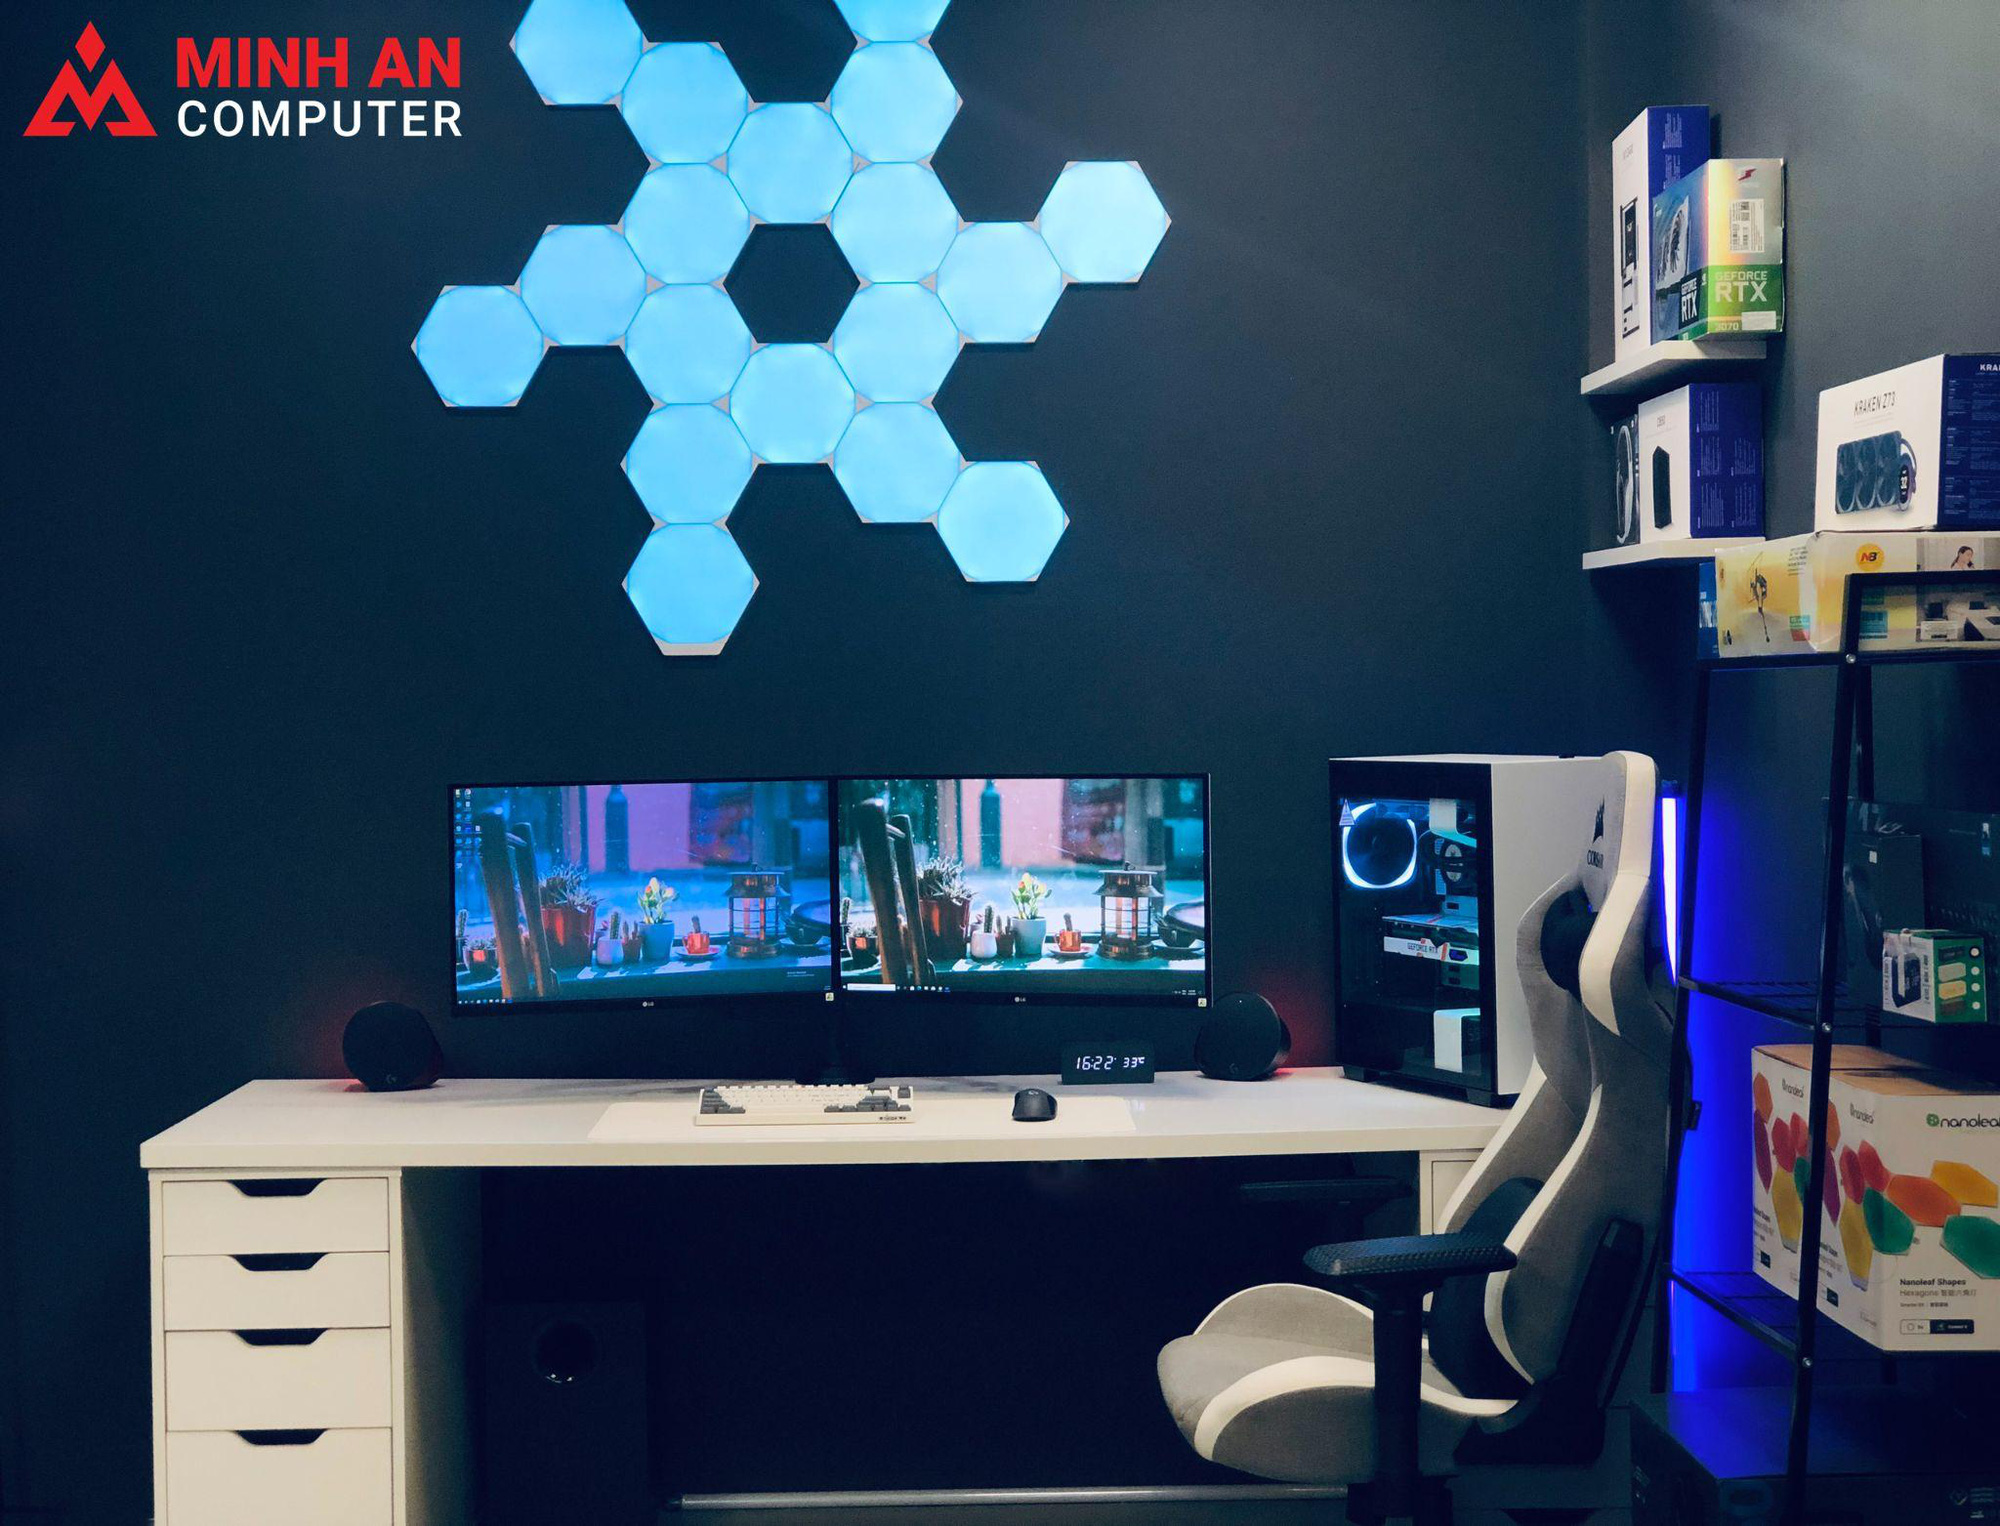 Địa chỉ nào giúp bạn hiện thực hóa giấc mơ setup góc gaming của riêng mình? - Ảnh 6.